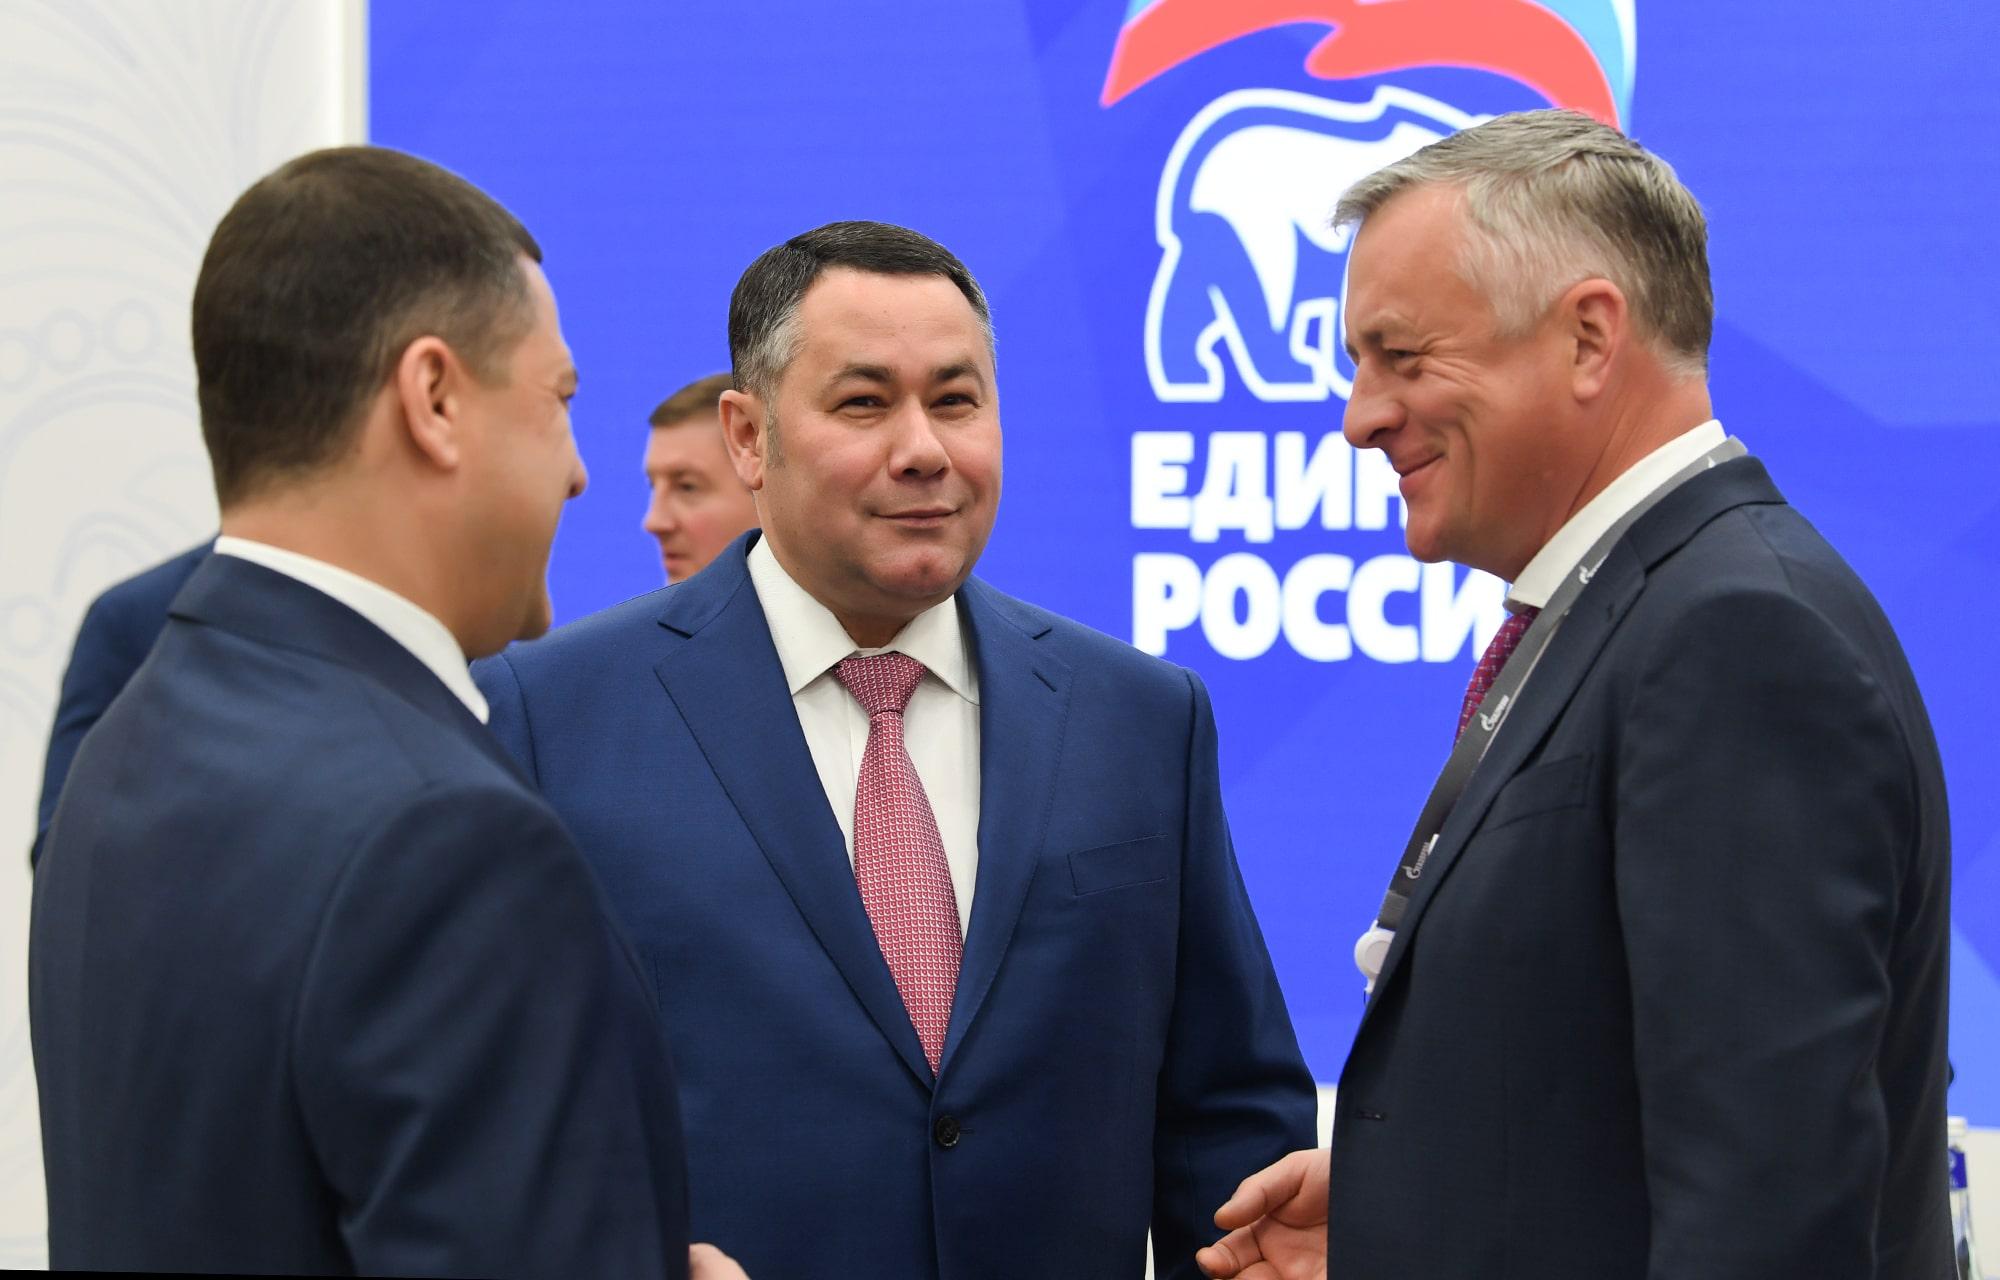 ПМЭФ-2021: Игорь Руденя принял участие в стратегической сессии «Единой России» по инфраструктурным проектам